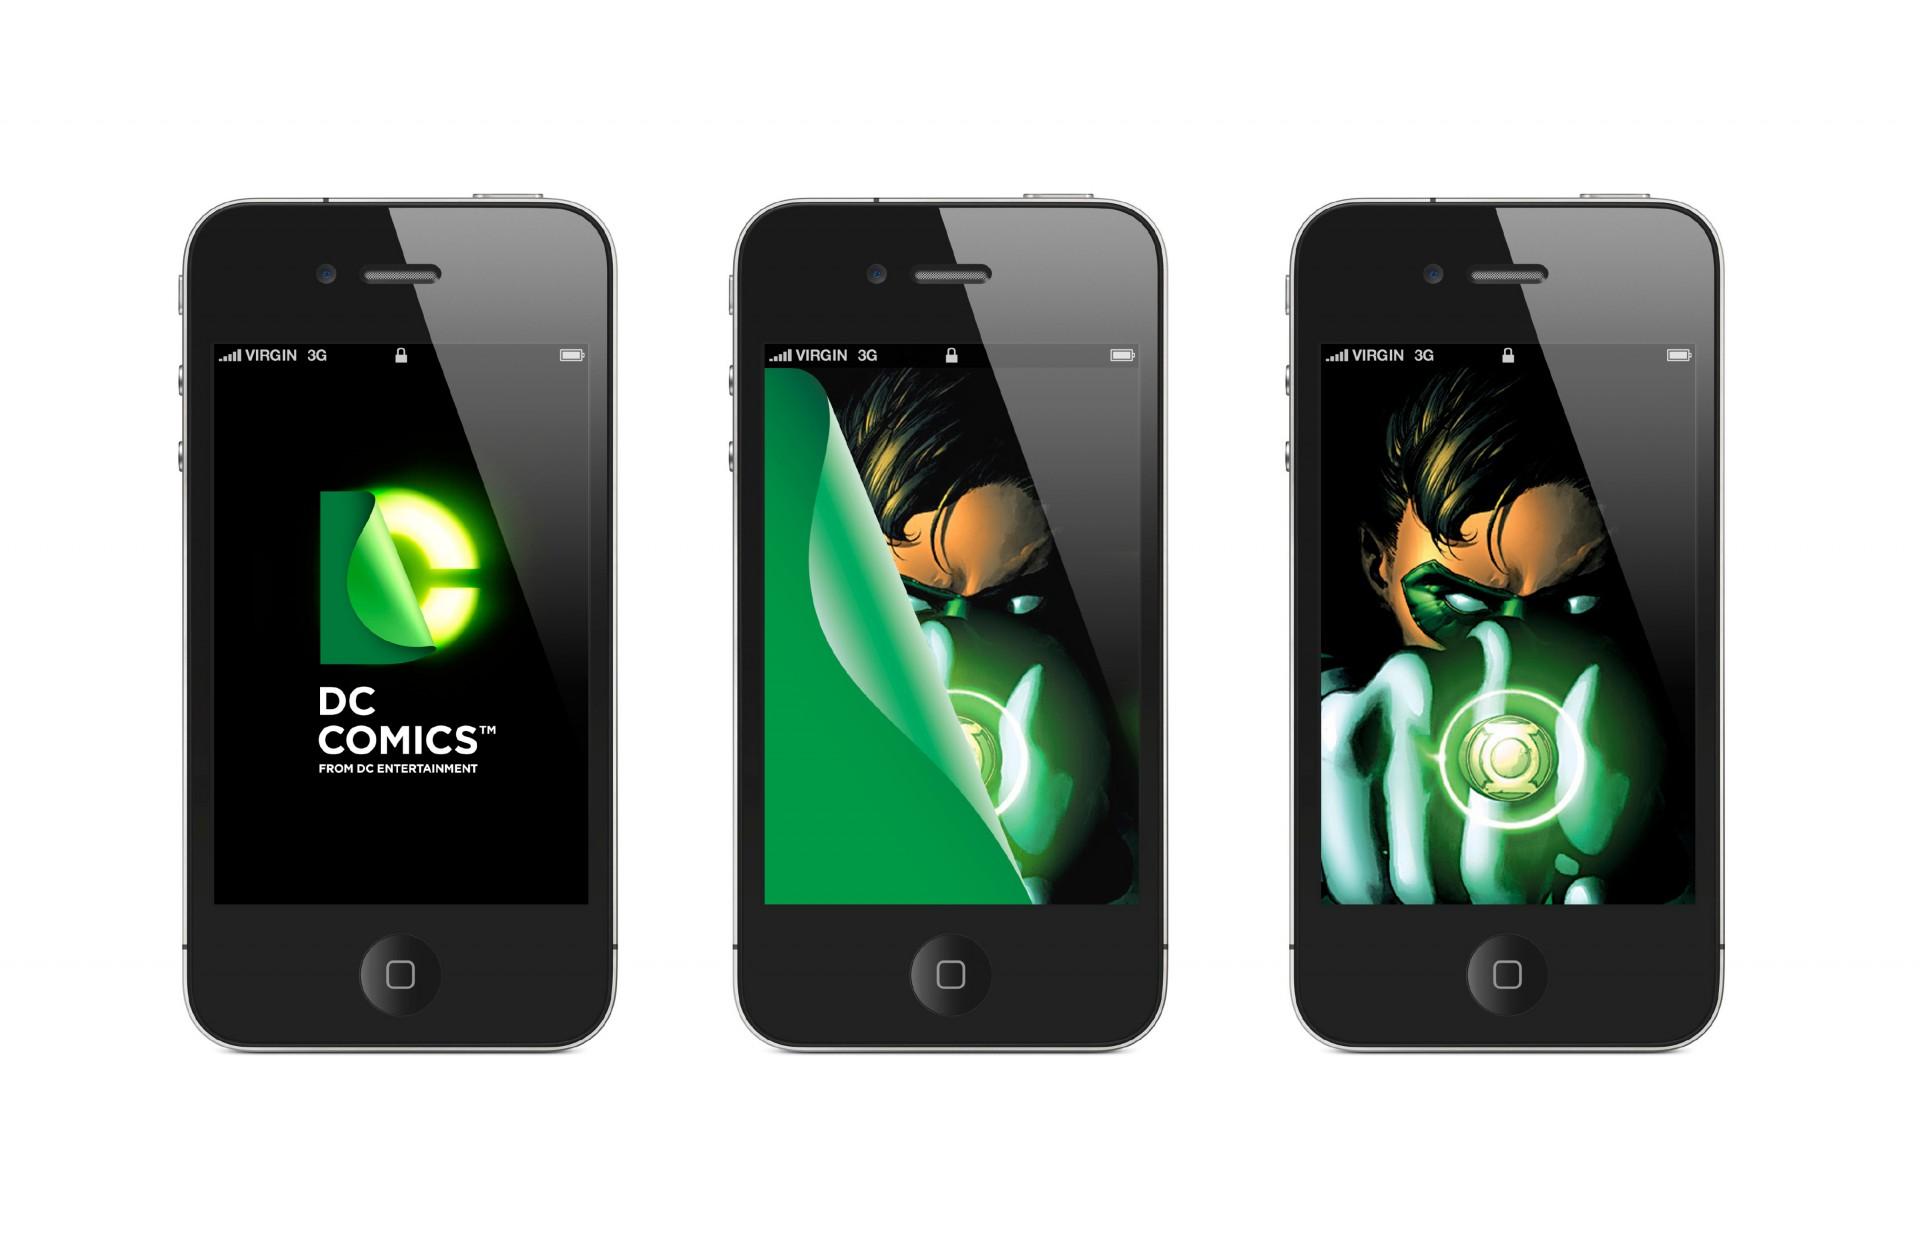 Jessica Minn DC Comics | Visual Identity